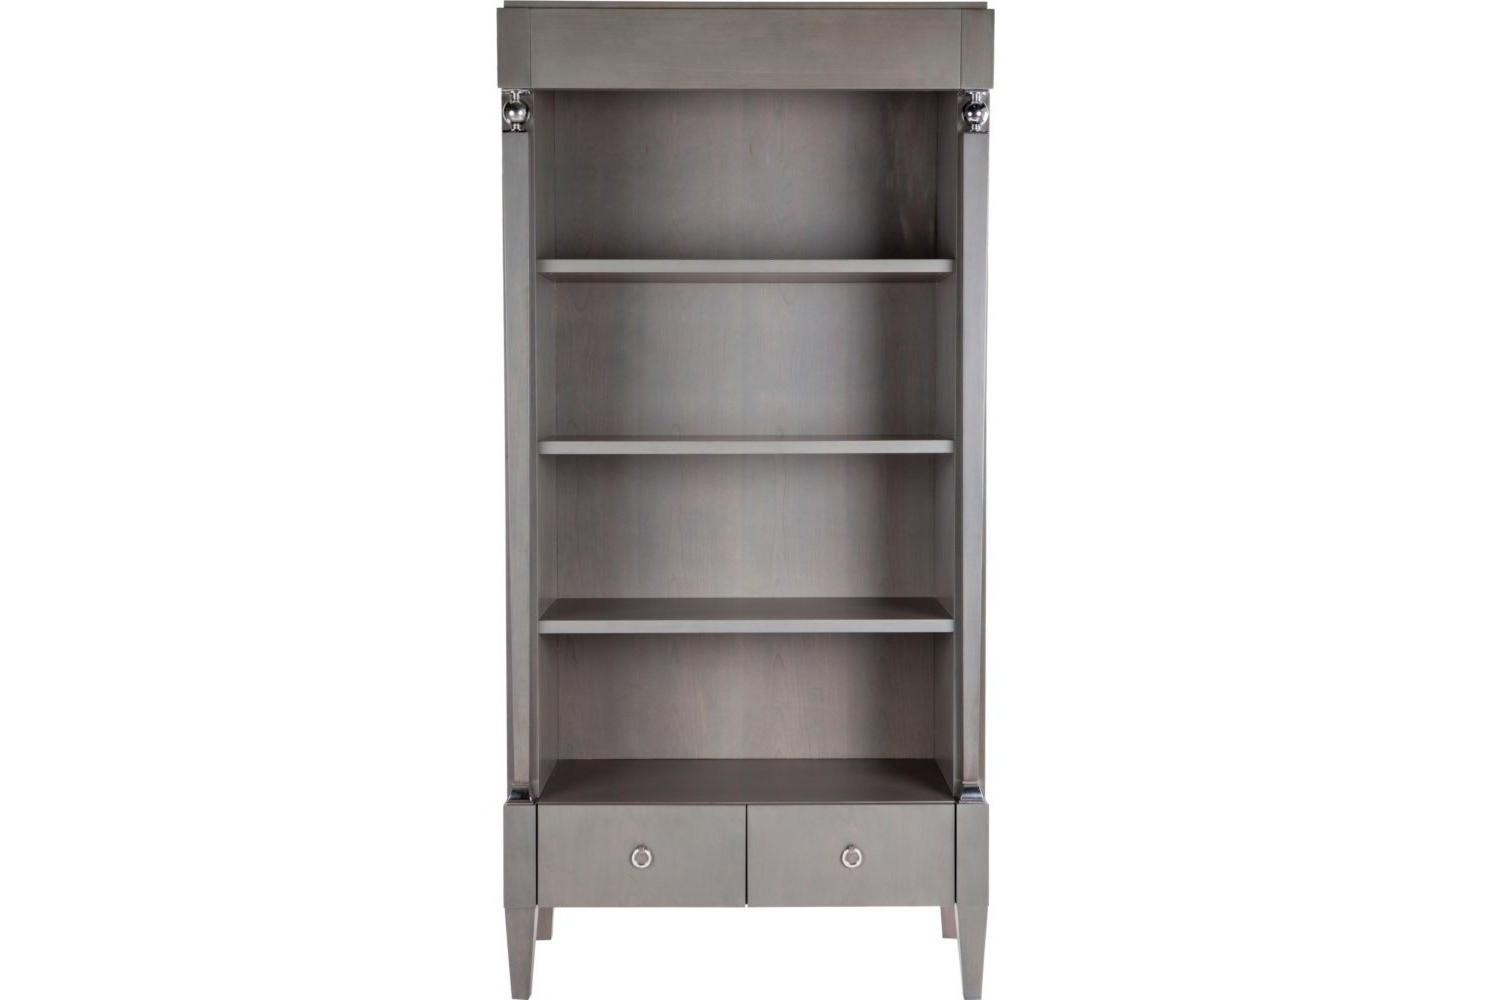 Шкаф книжныйКнижные шкафы и библиотеки<br><br><br>Material: Дерево<br>Ширина см: 126<br>Высота см: 225<br>Глубина см: 45